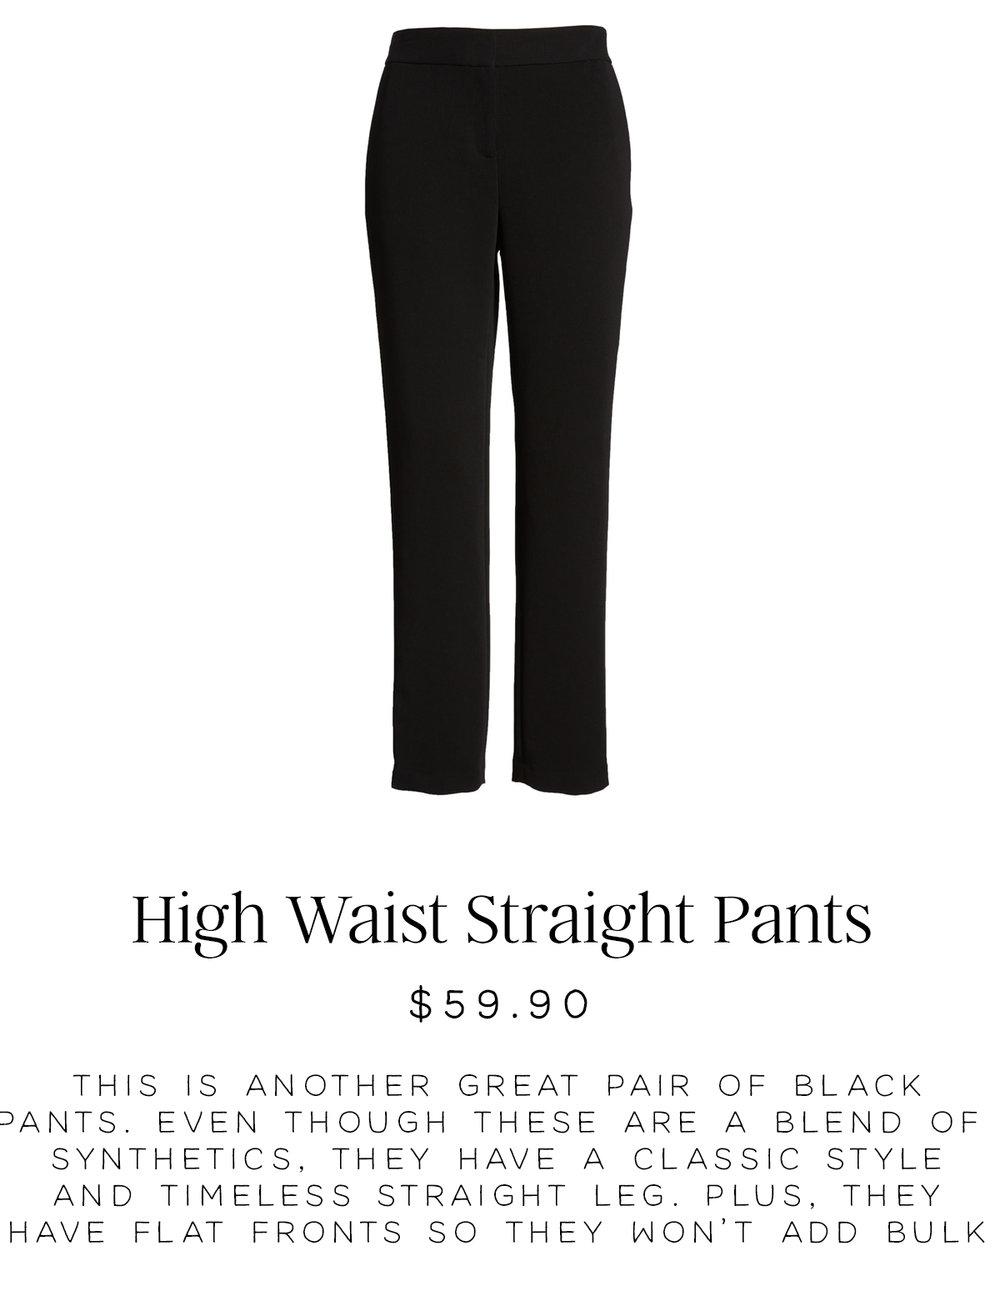 nordstrom-anniversary-sale-black-pants.jpg